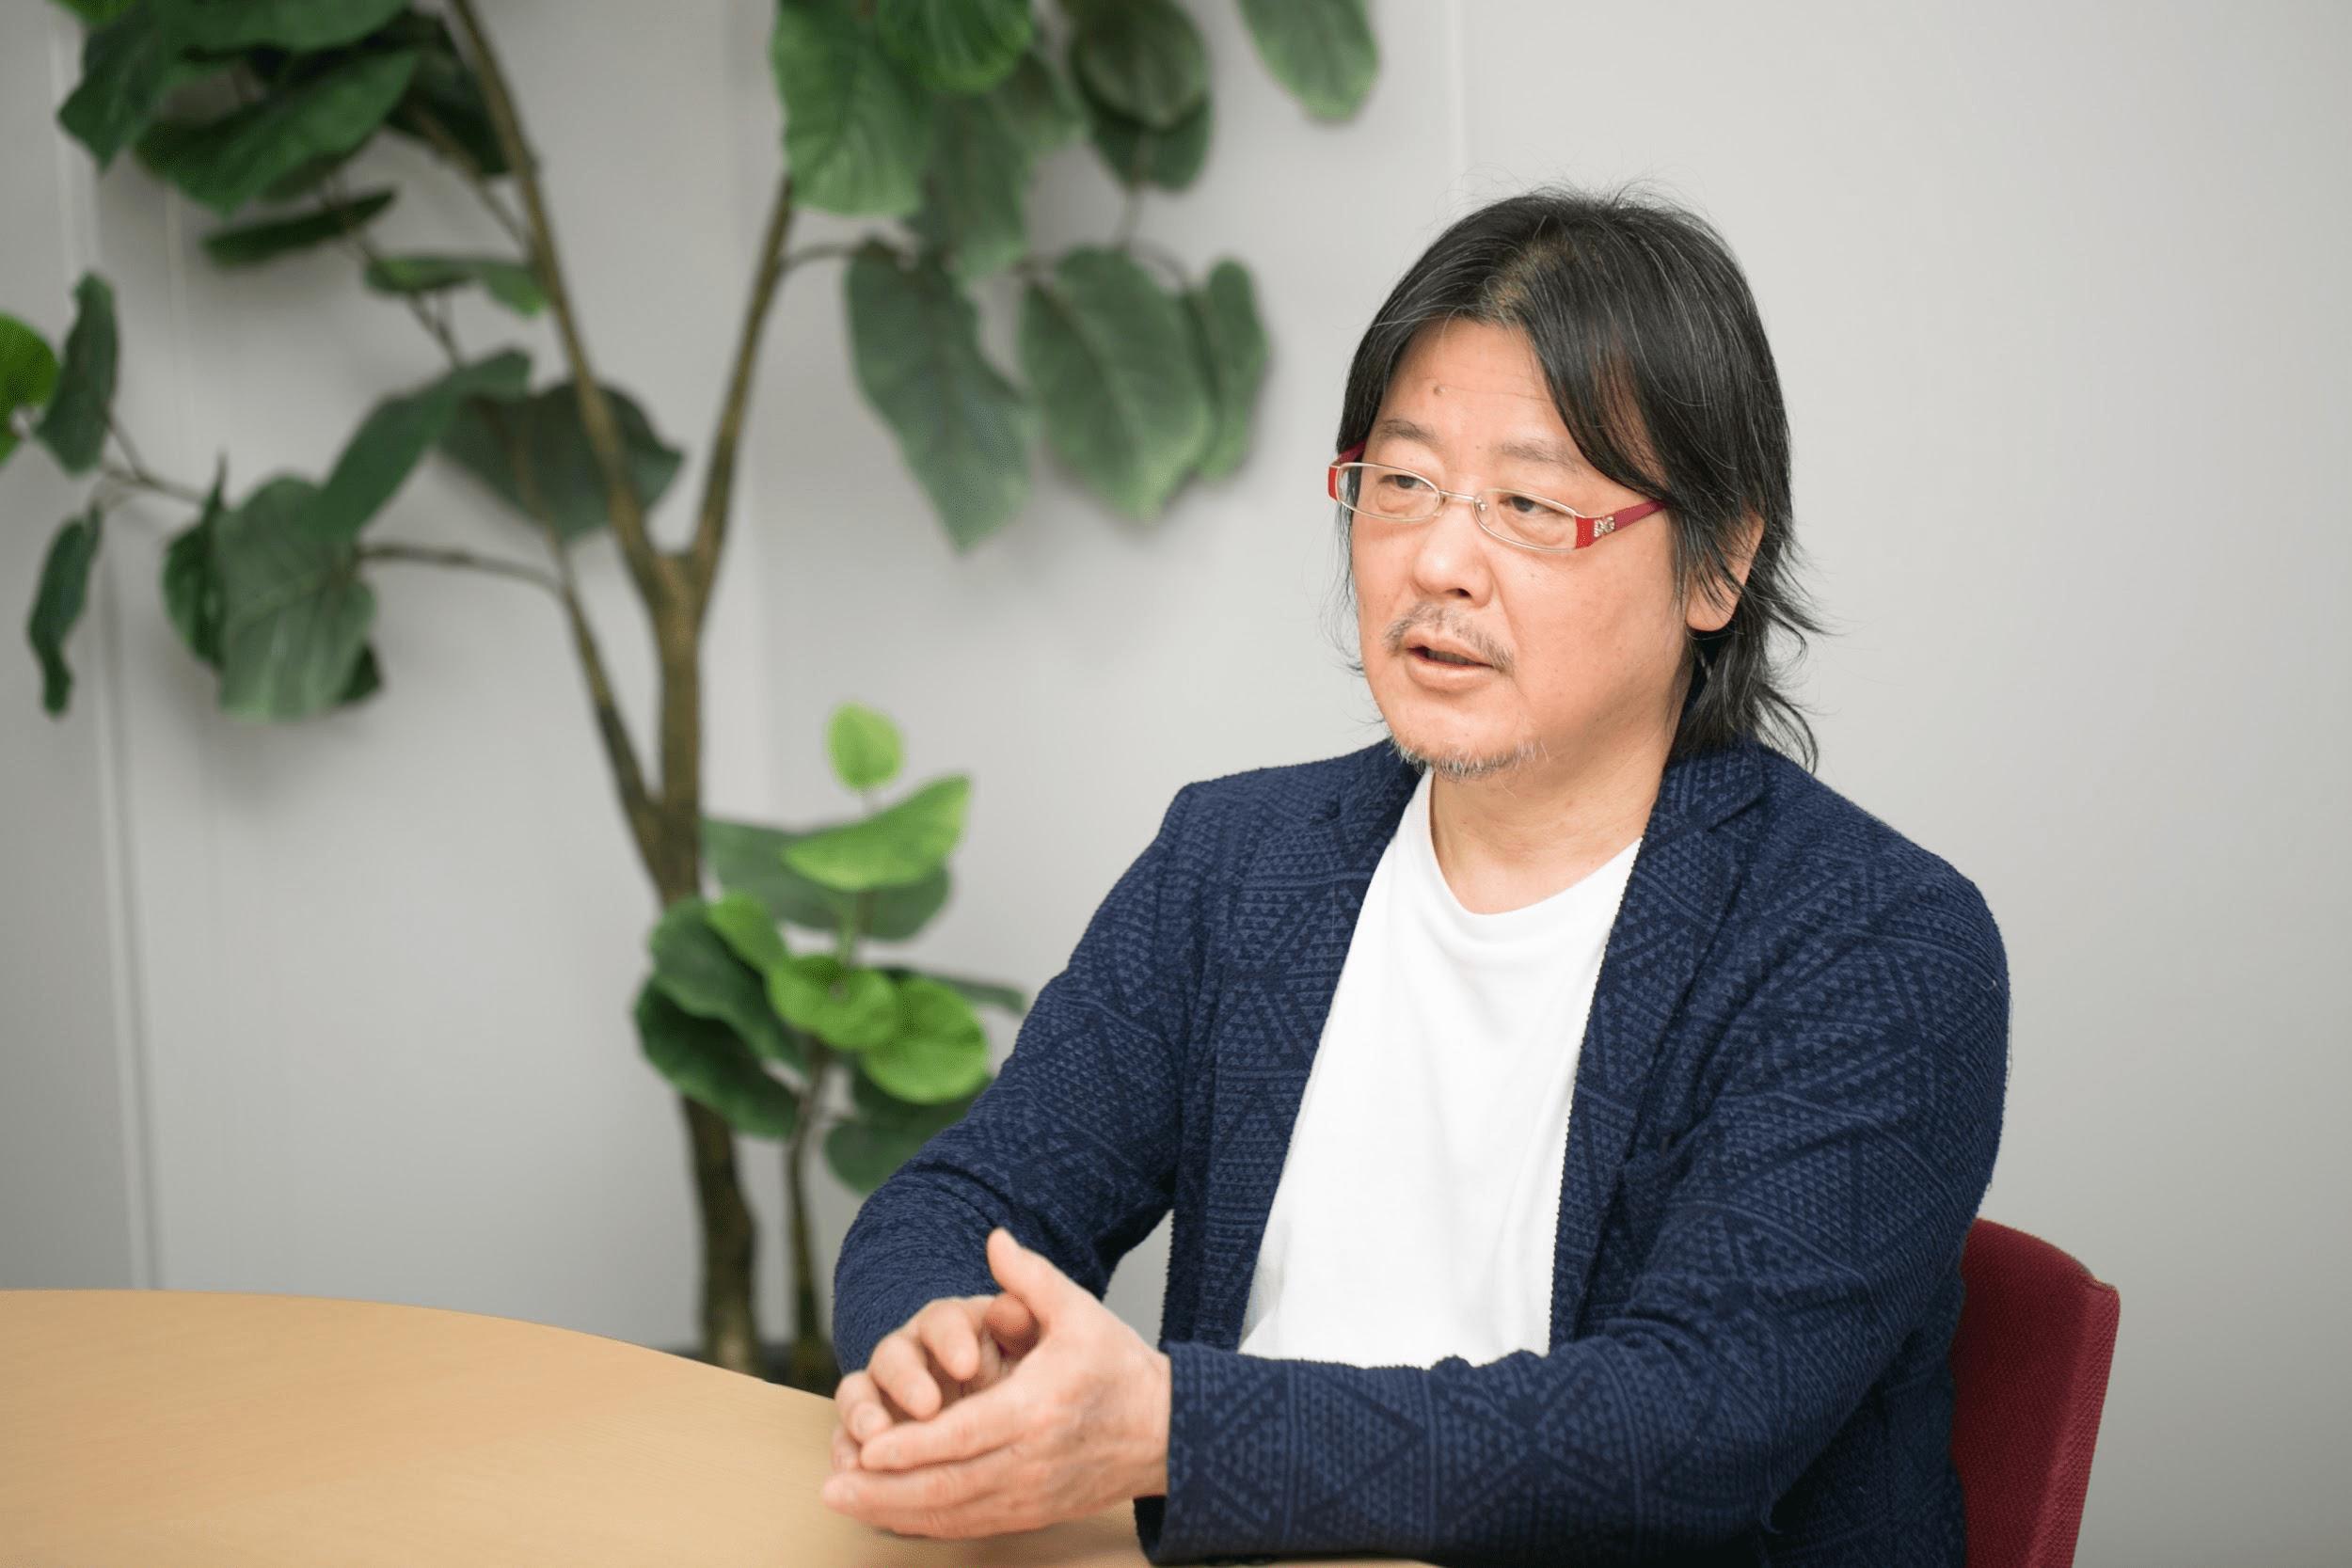 株式会社エクス 代表取締役社長 抱厚志様